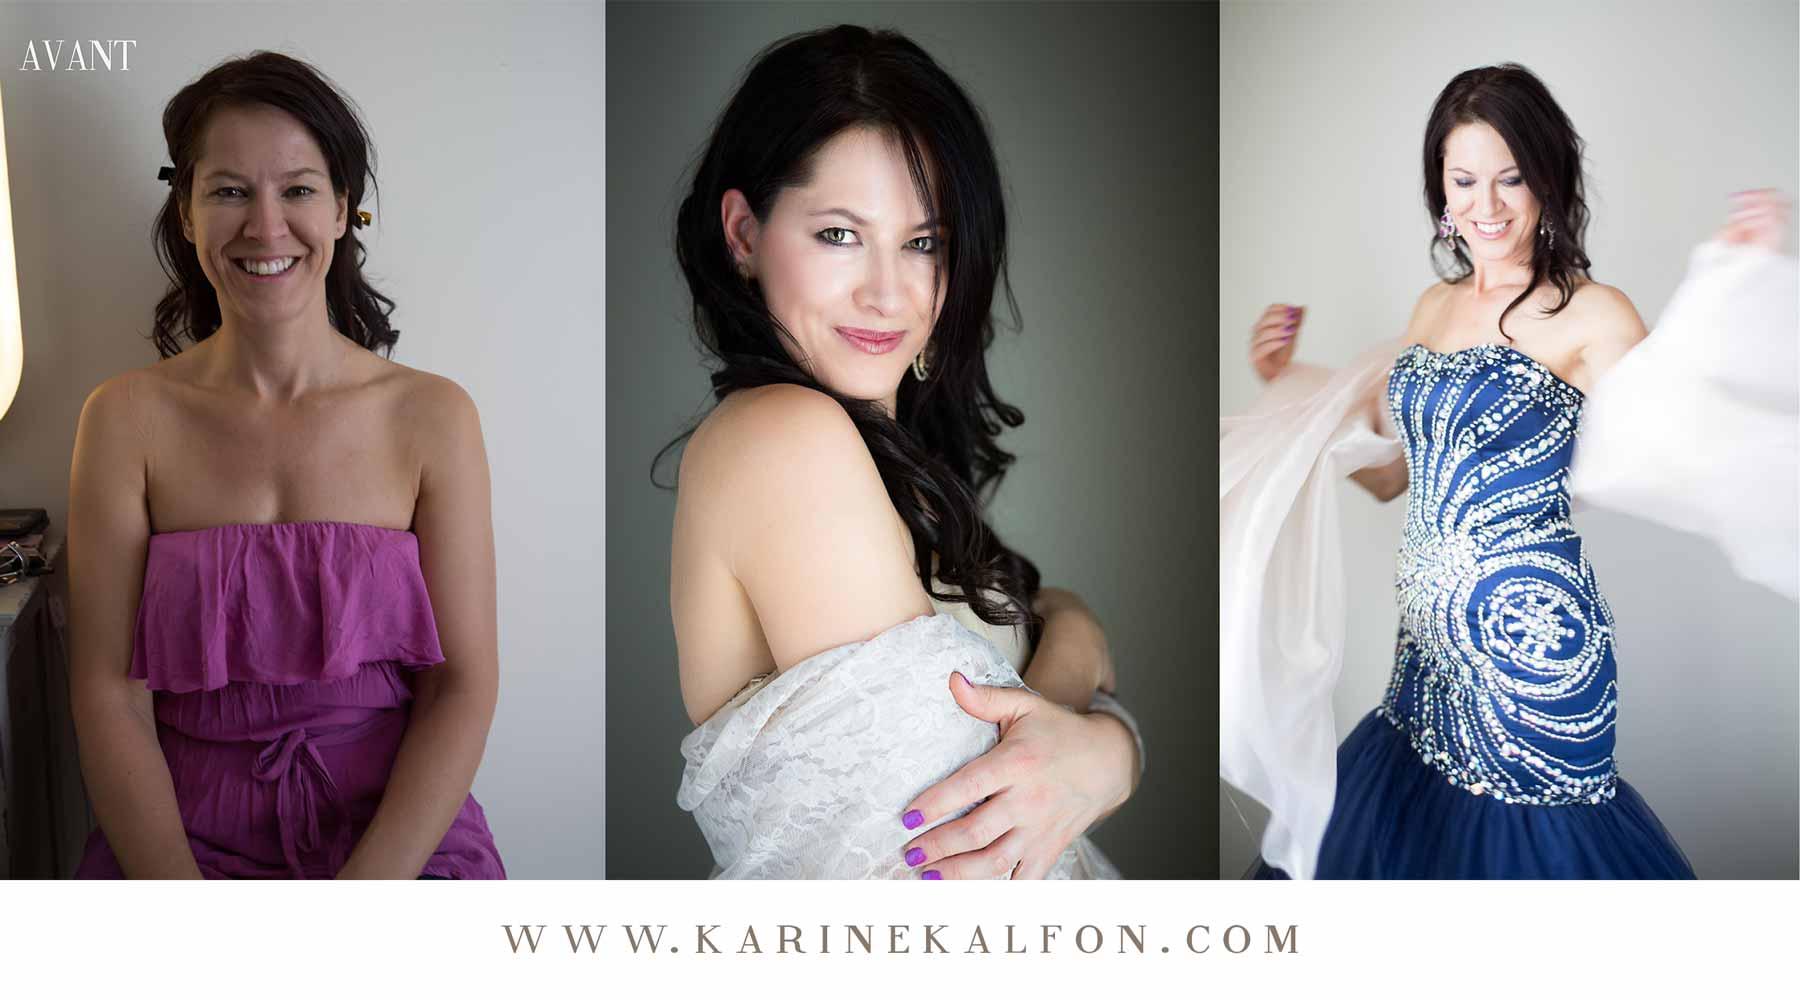 Karine_Kalfon_Portrait_15